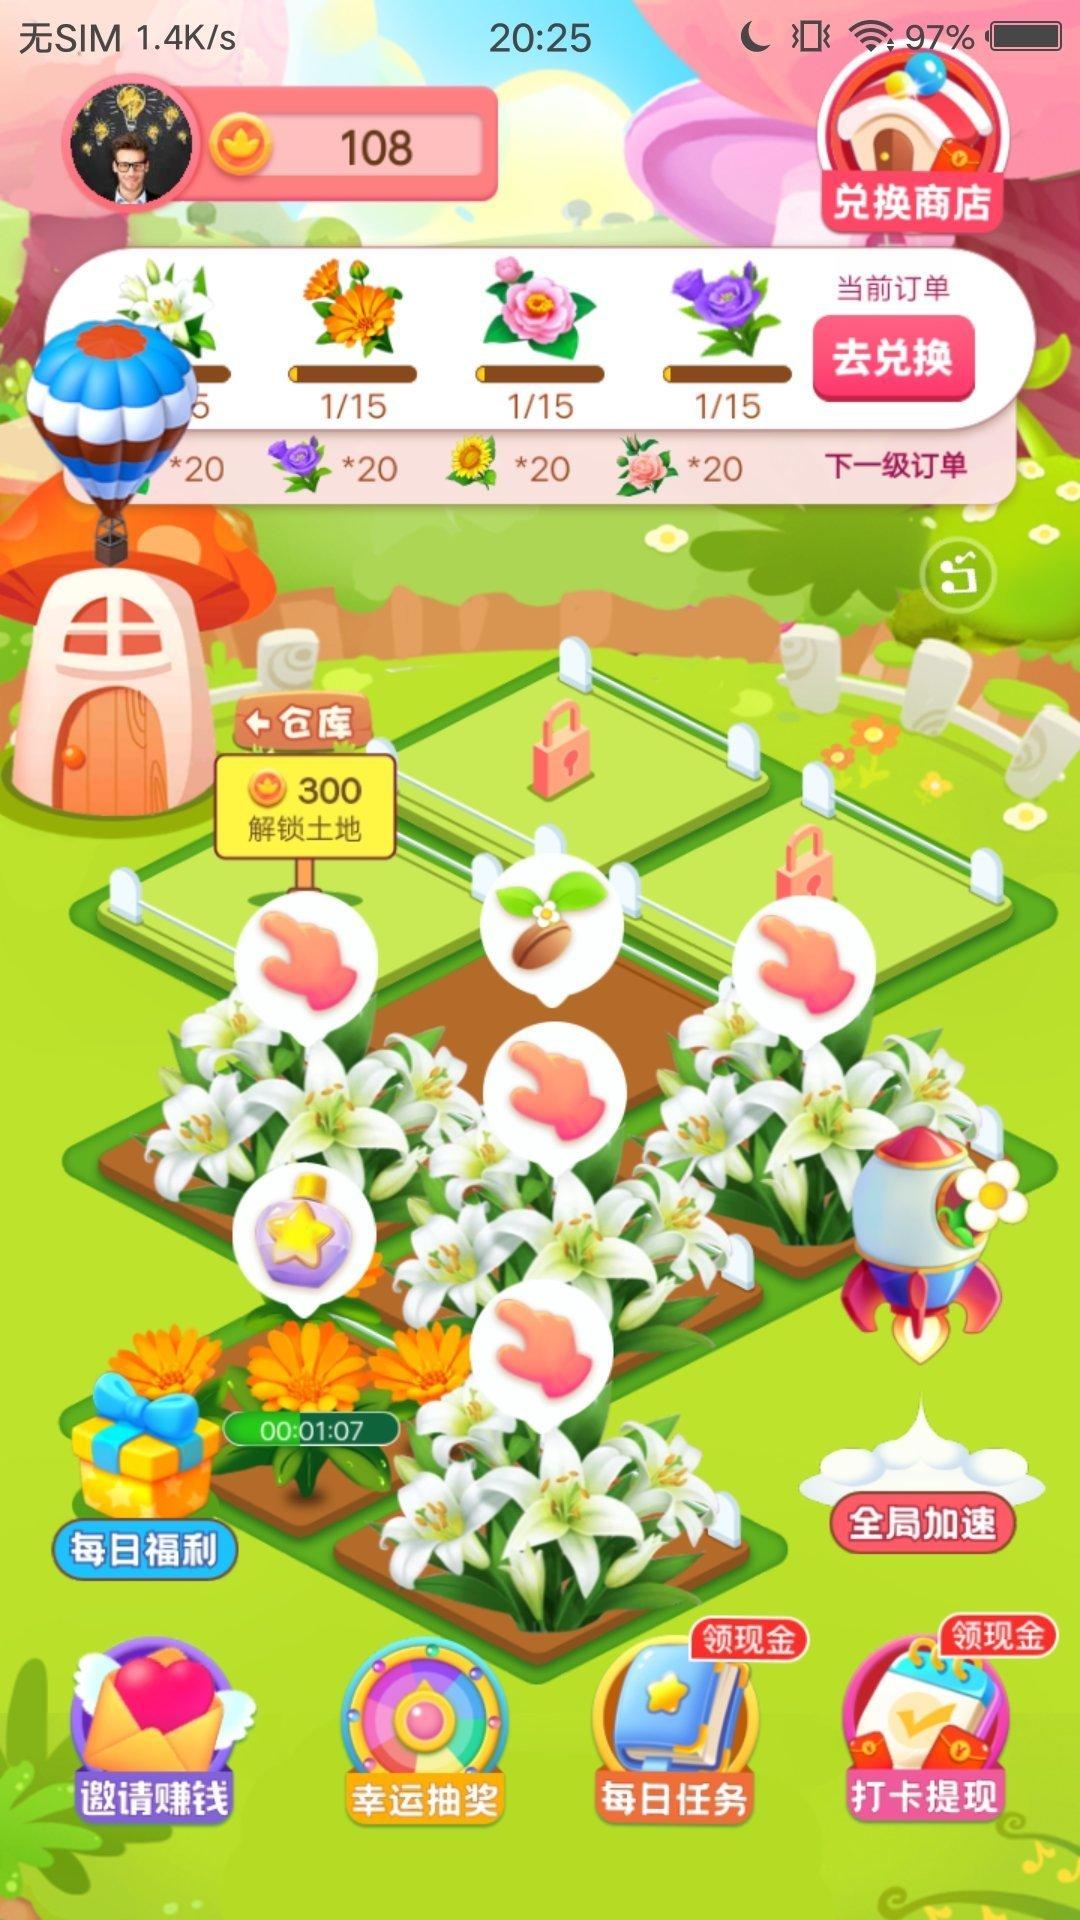 开心花园提现版图2